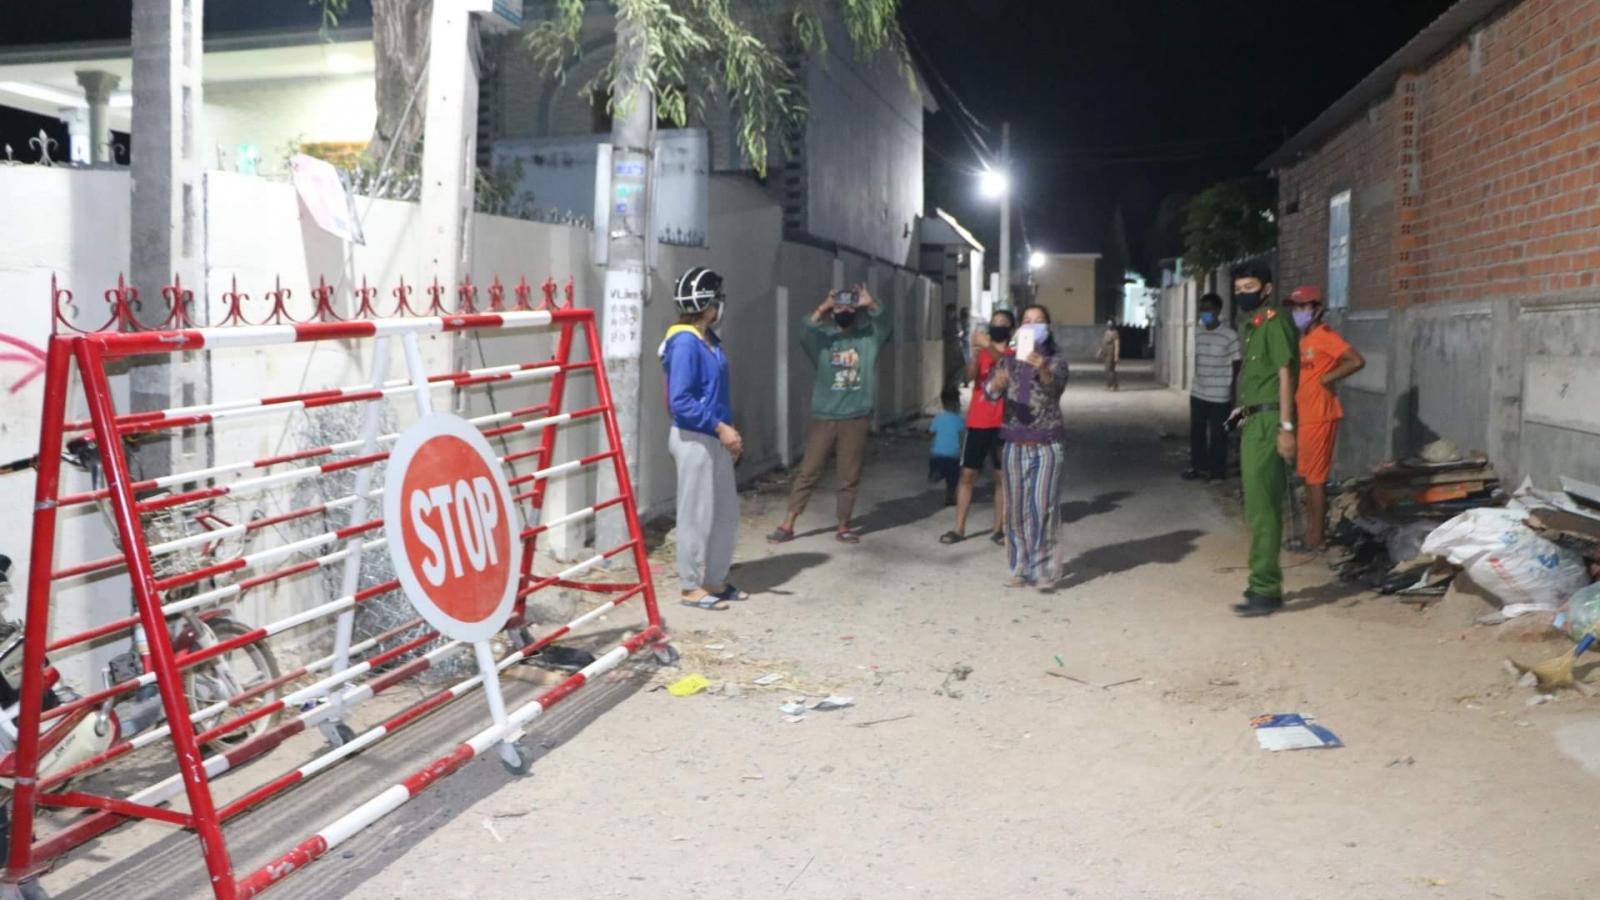 Thôn Văn Lâm 3 ở Ninh Thuận được tháo gỡ lệnh phong tỏa